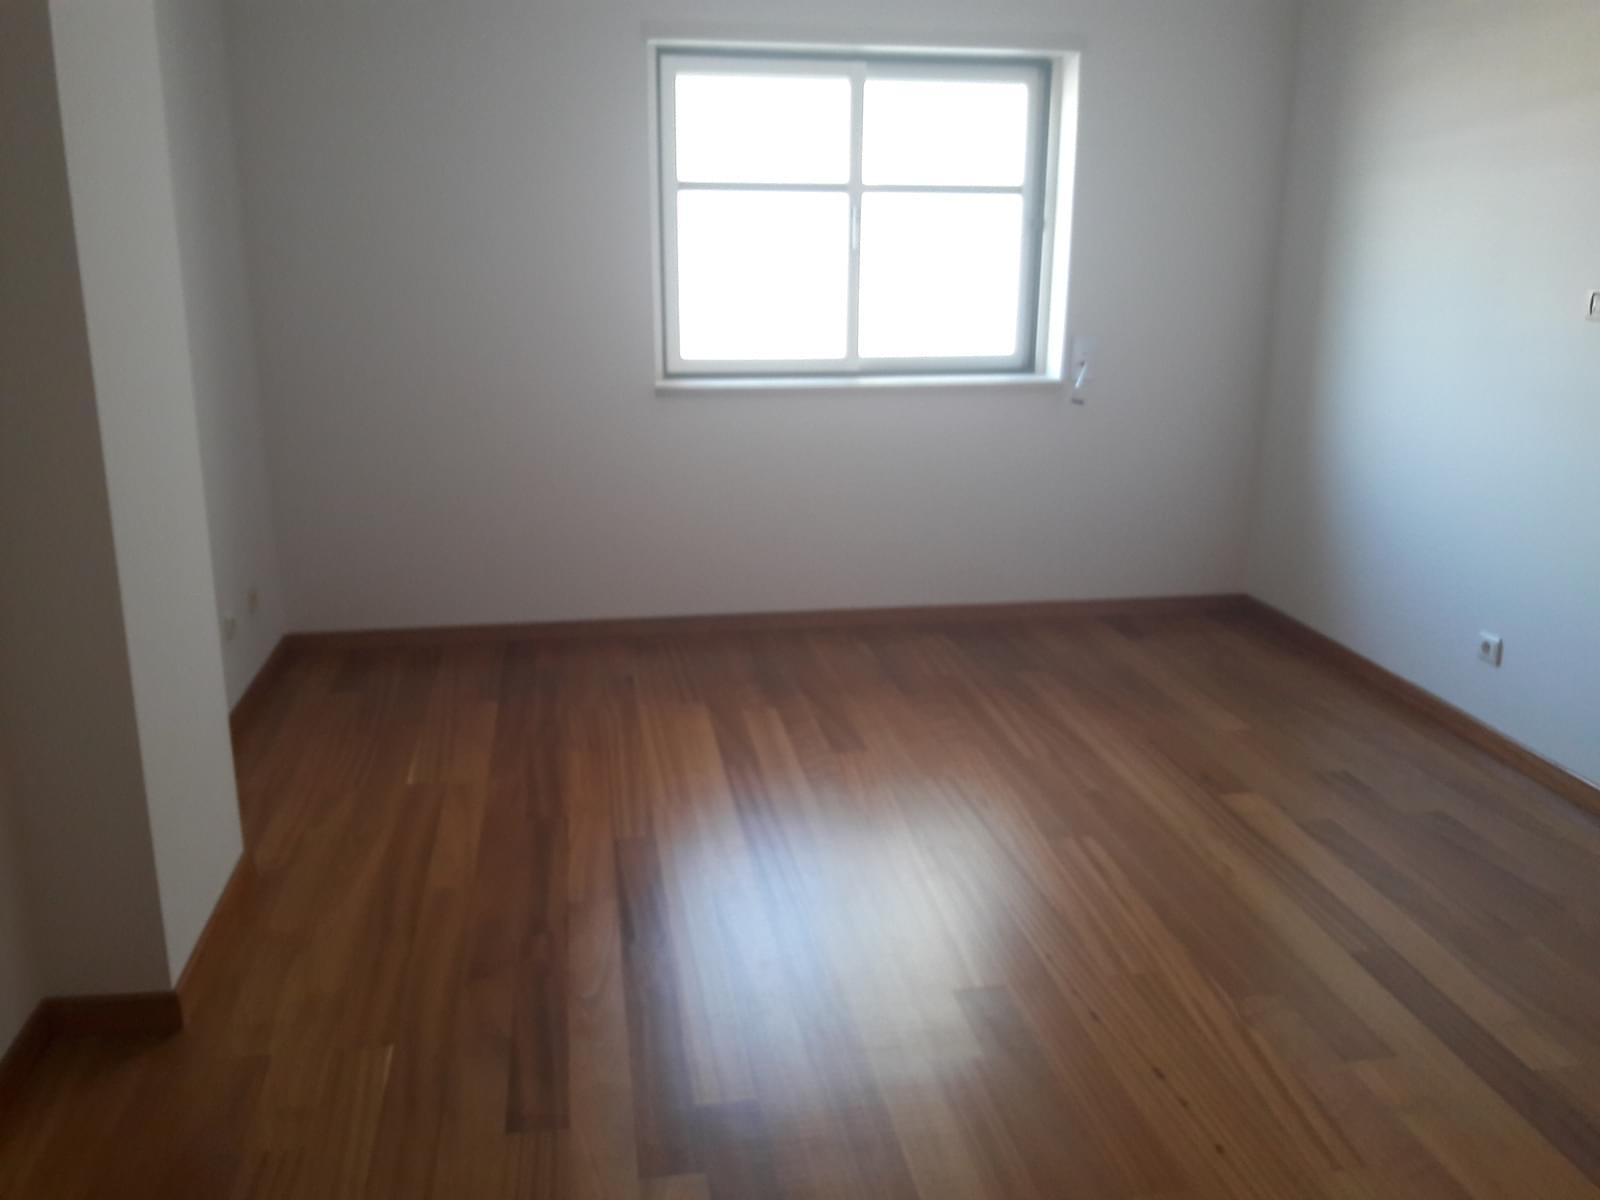 pf18038-apartamento-t3-ecc9d77f-1ce4-41f1-b556-6eead18b557c